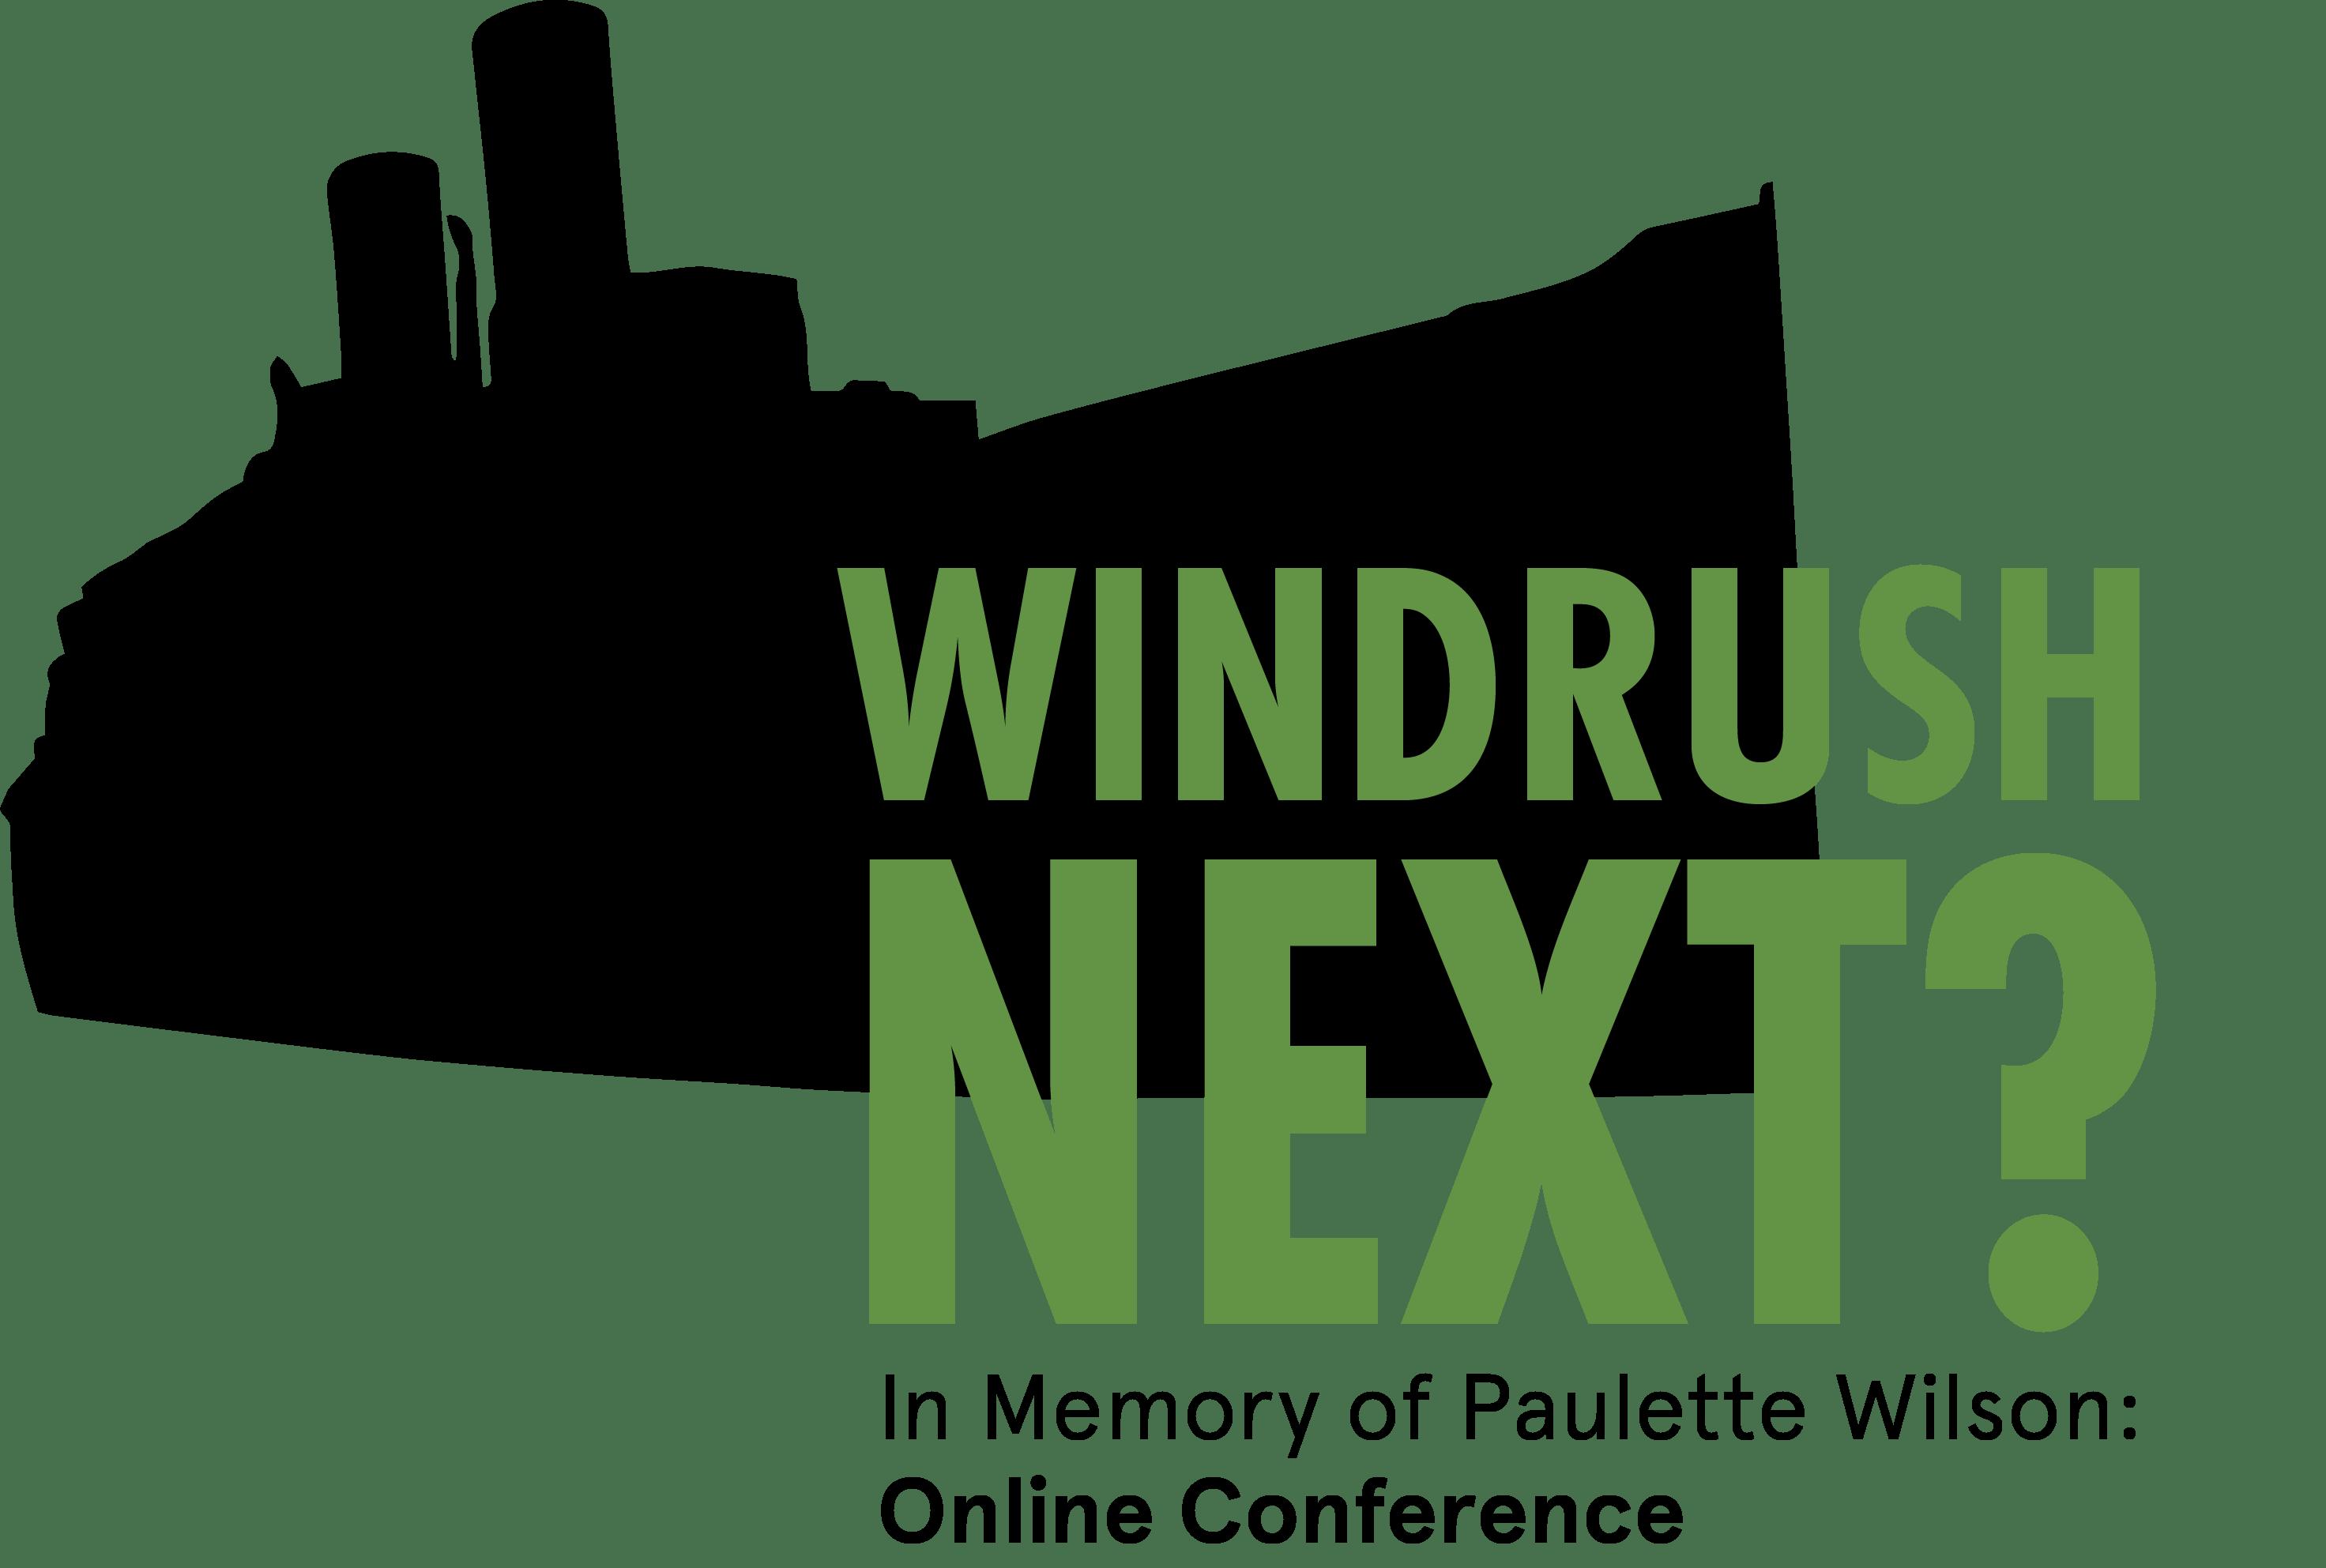 Windrush Next? In Memory of Paulette Wilson: Online Conference - blacknet